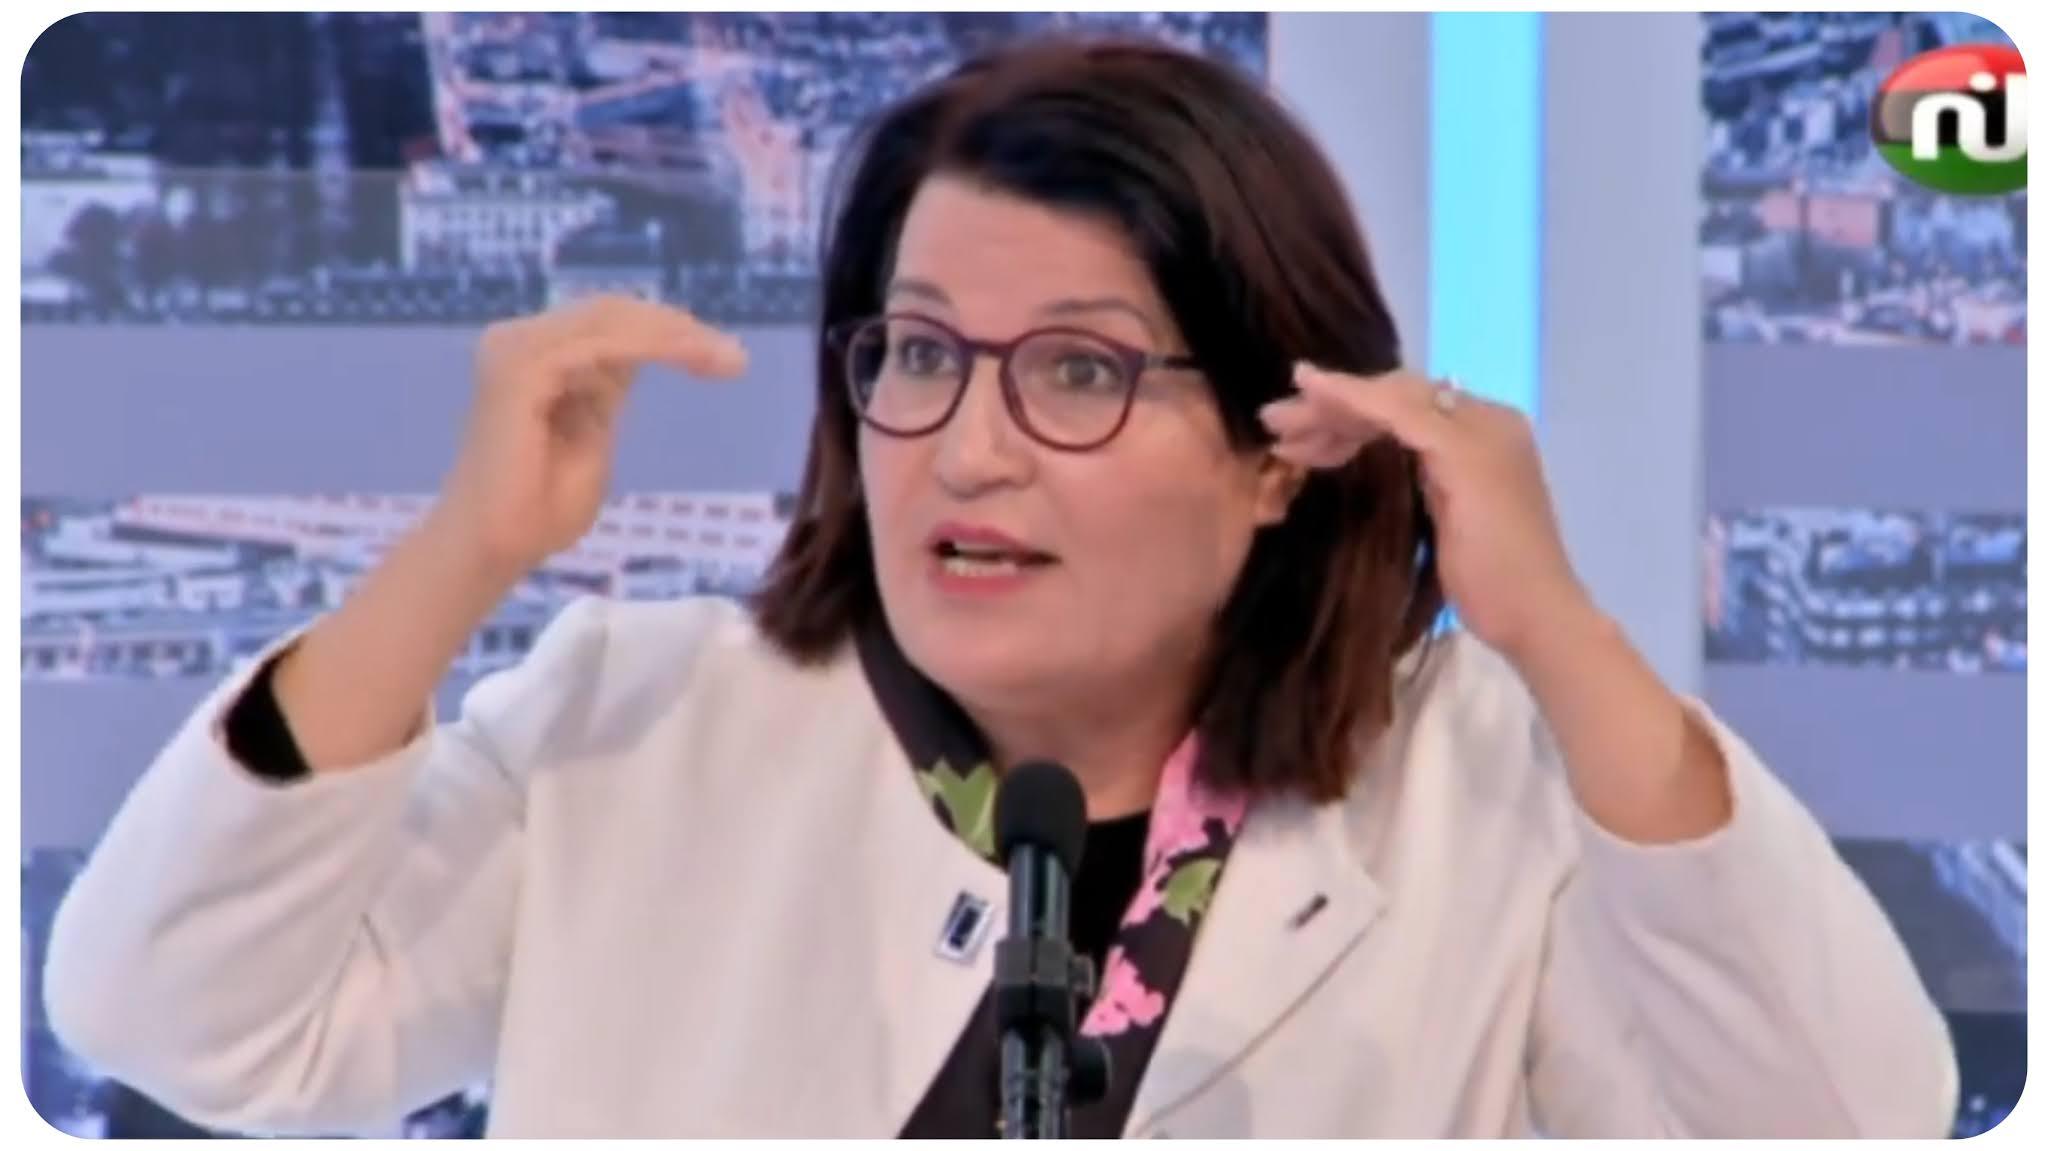 بالفيديو سميرة مرعي:باش نوصلو لأكثر من10 آلاف حالة وفاة في أواخر شهر أفريل